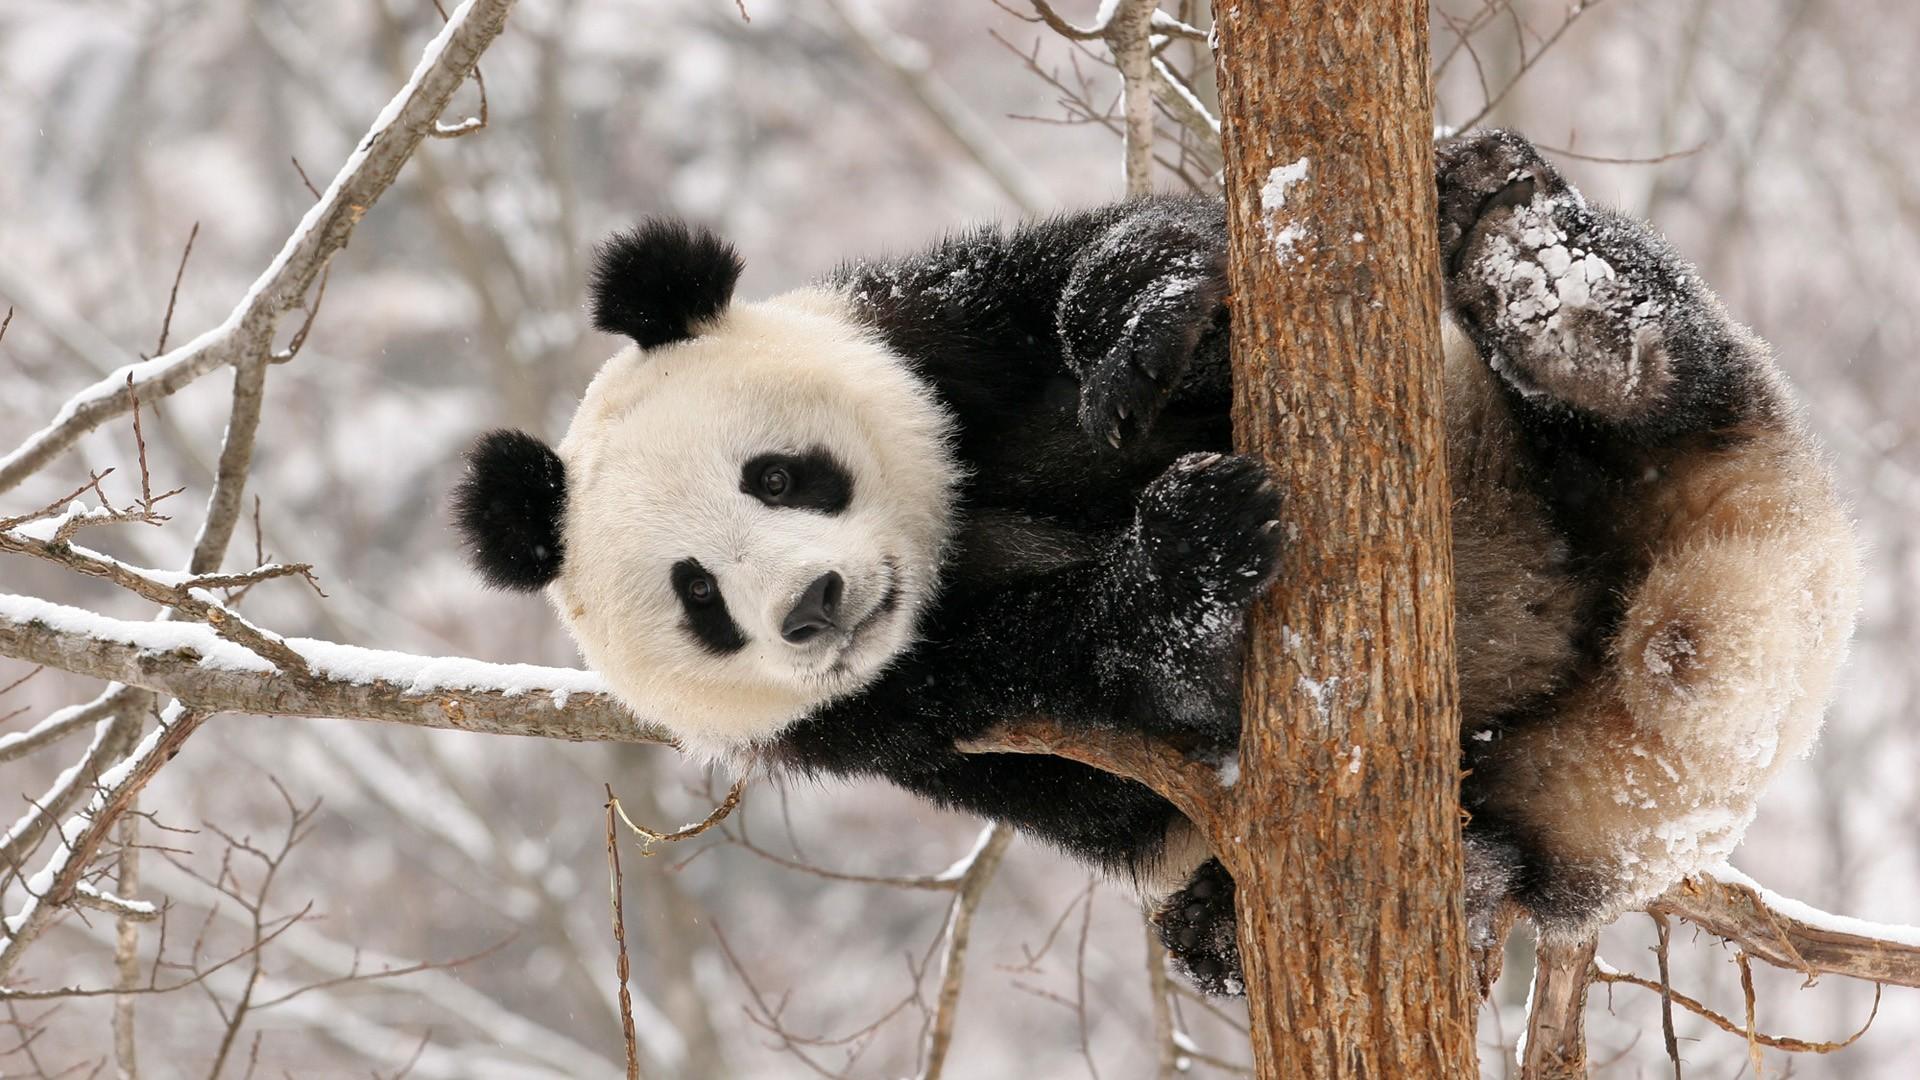 壁纸 大熊猫 动物 狗 狗狗 1920_1080